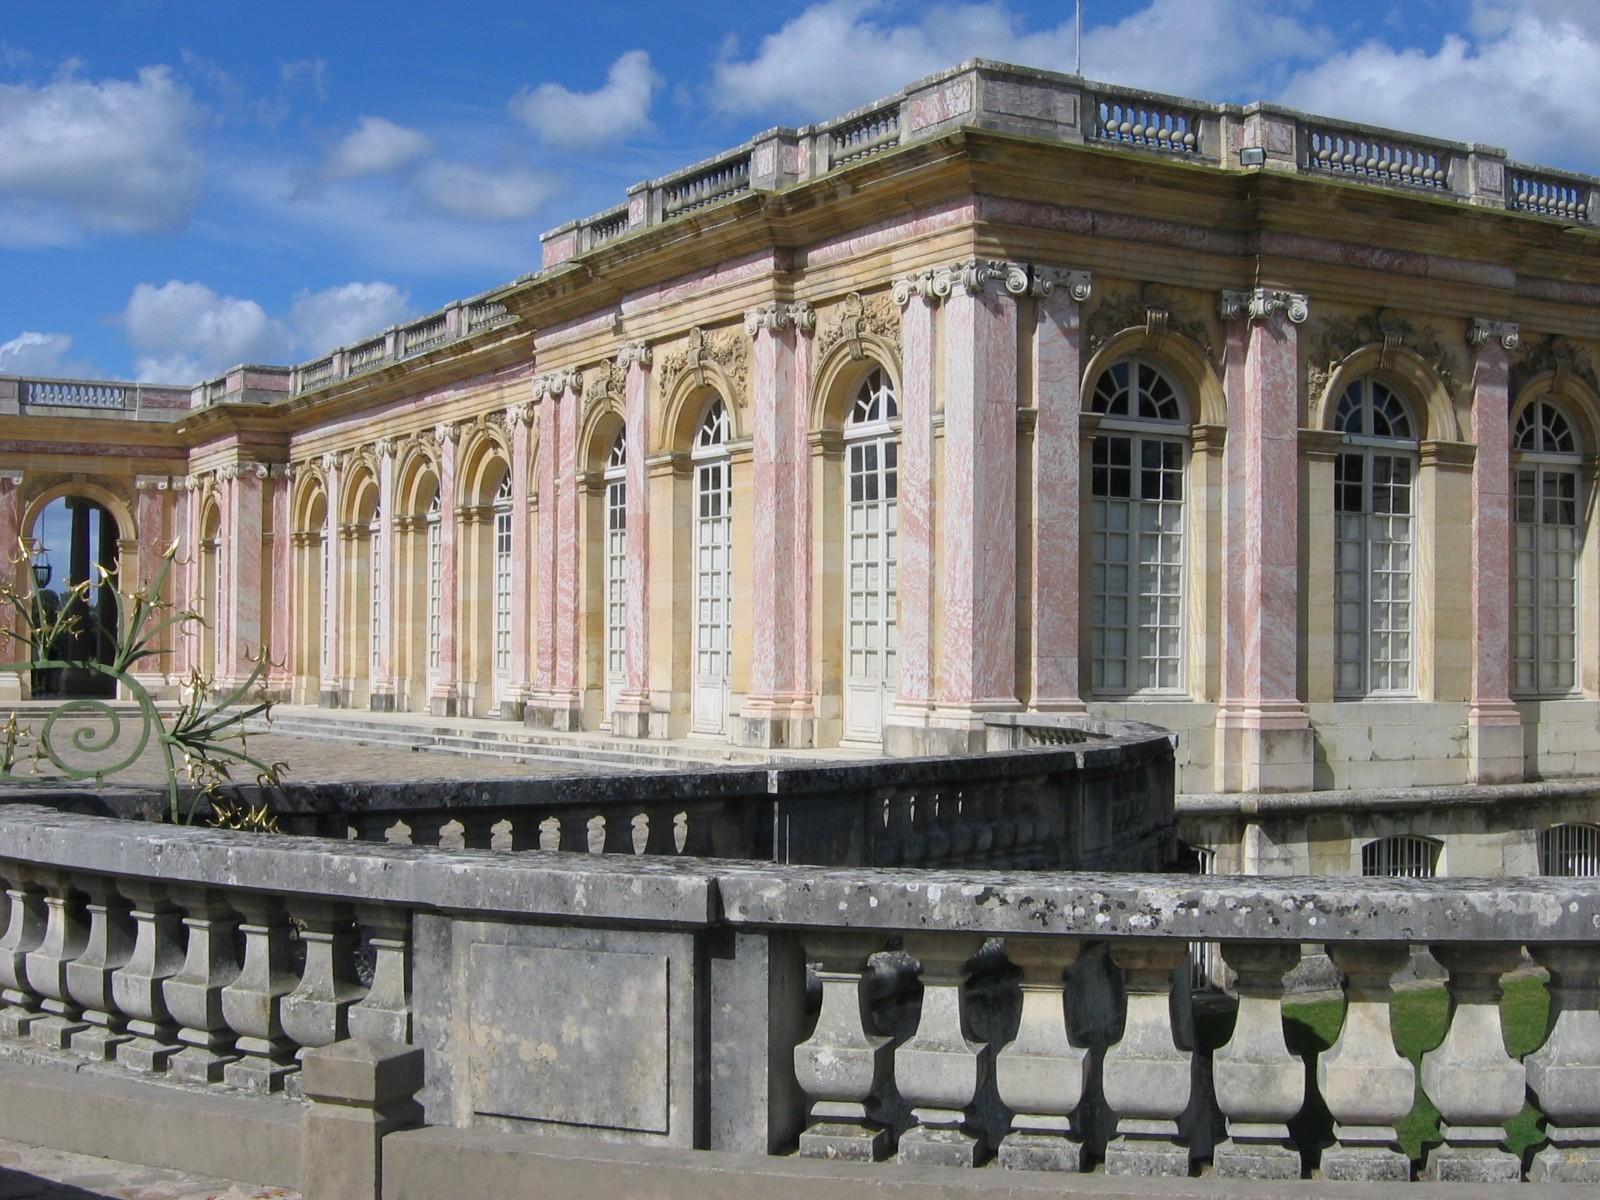 Imagini pentru palat trianon photos